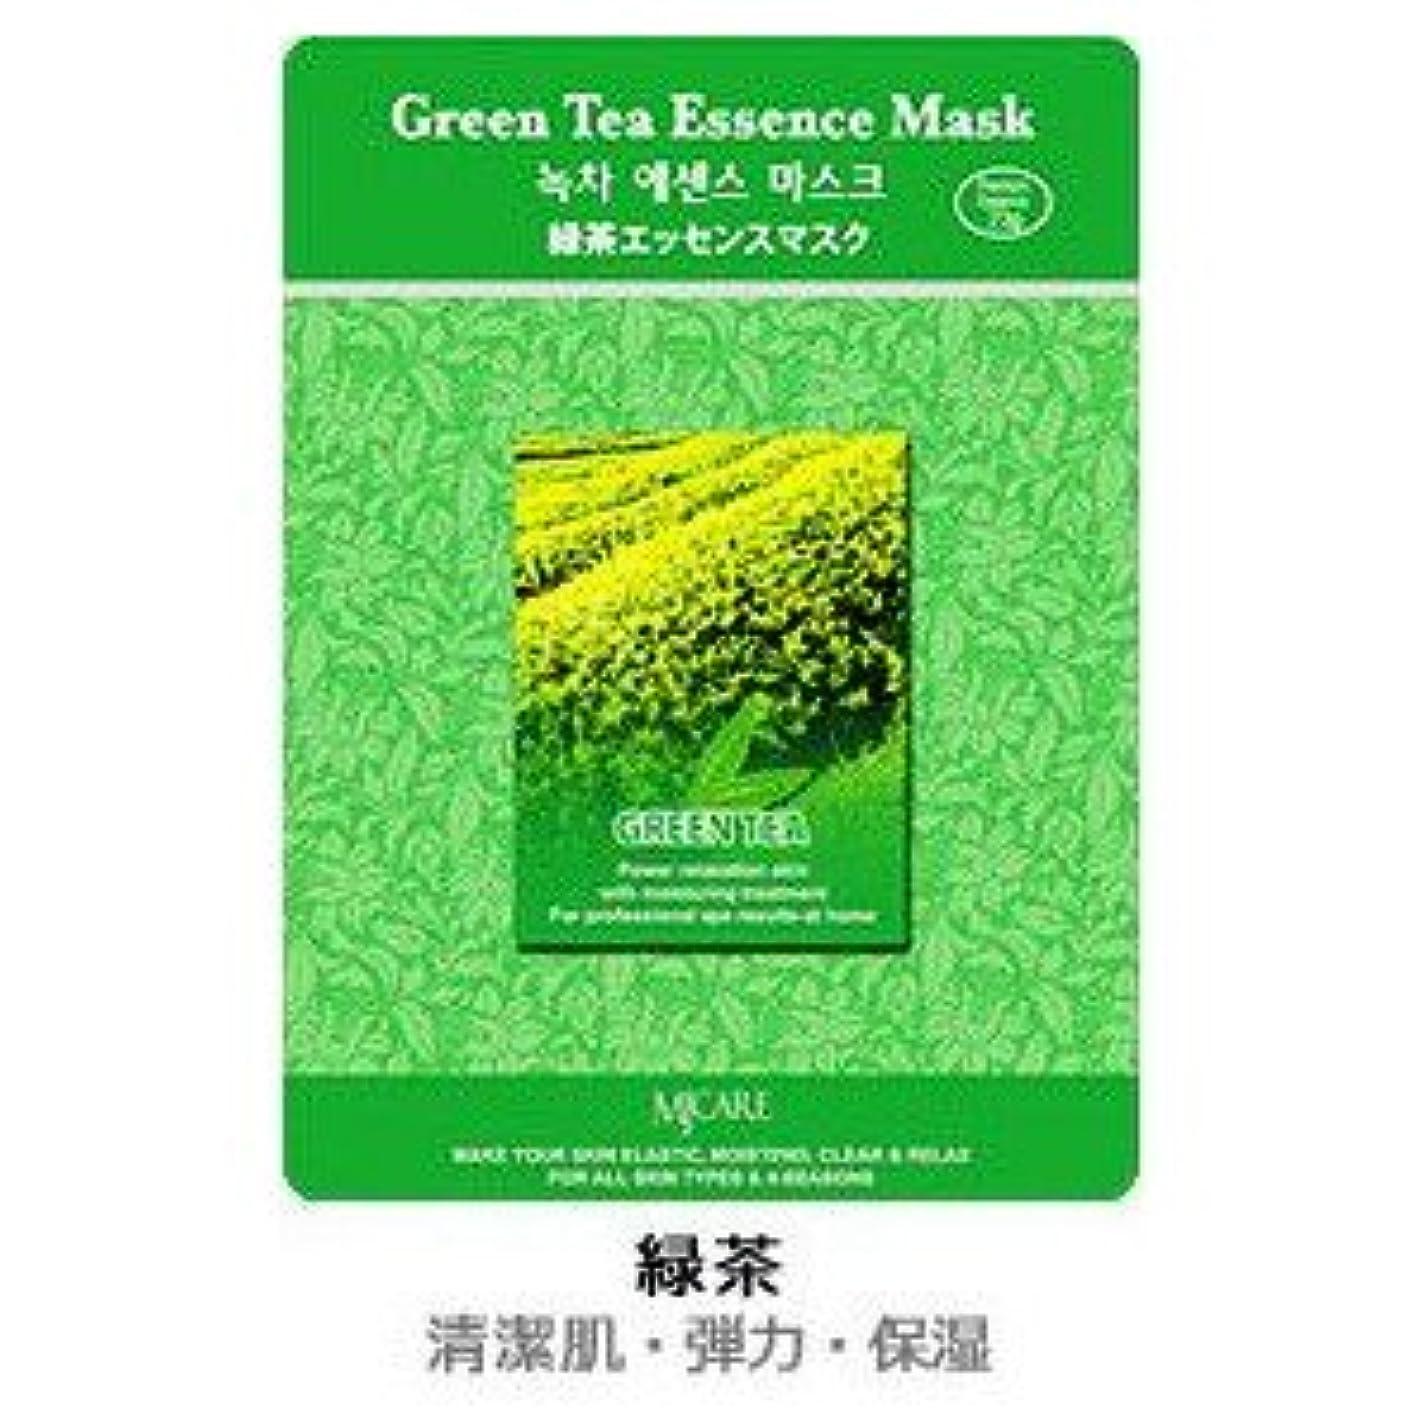 アミューズメンテナンス川MJ-CAREエッセンスマスク 緑茶10枚セット